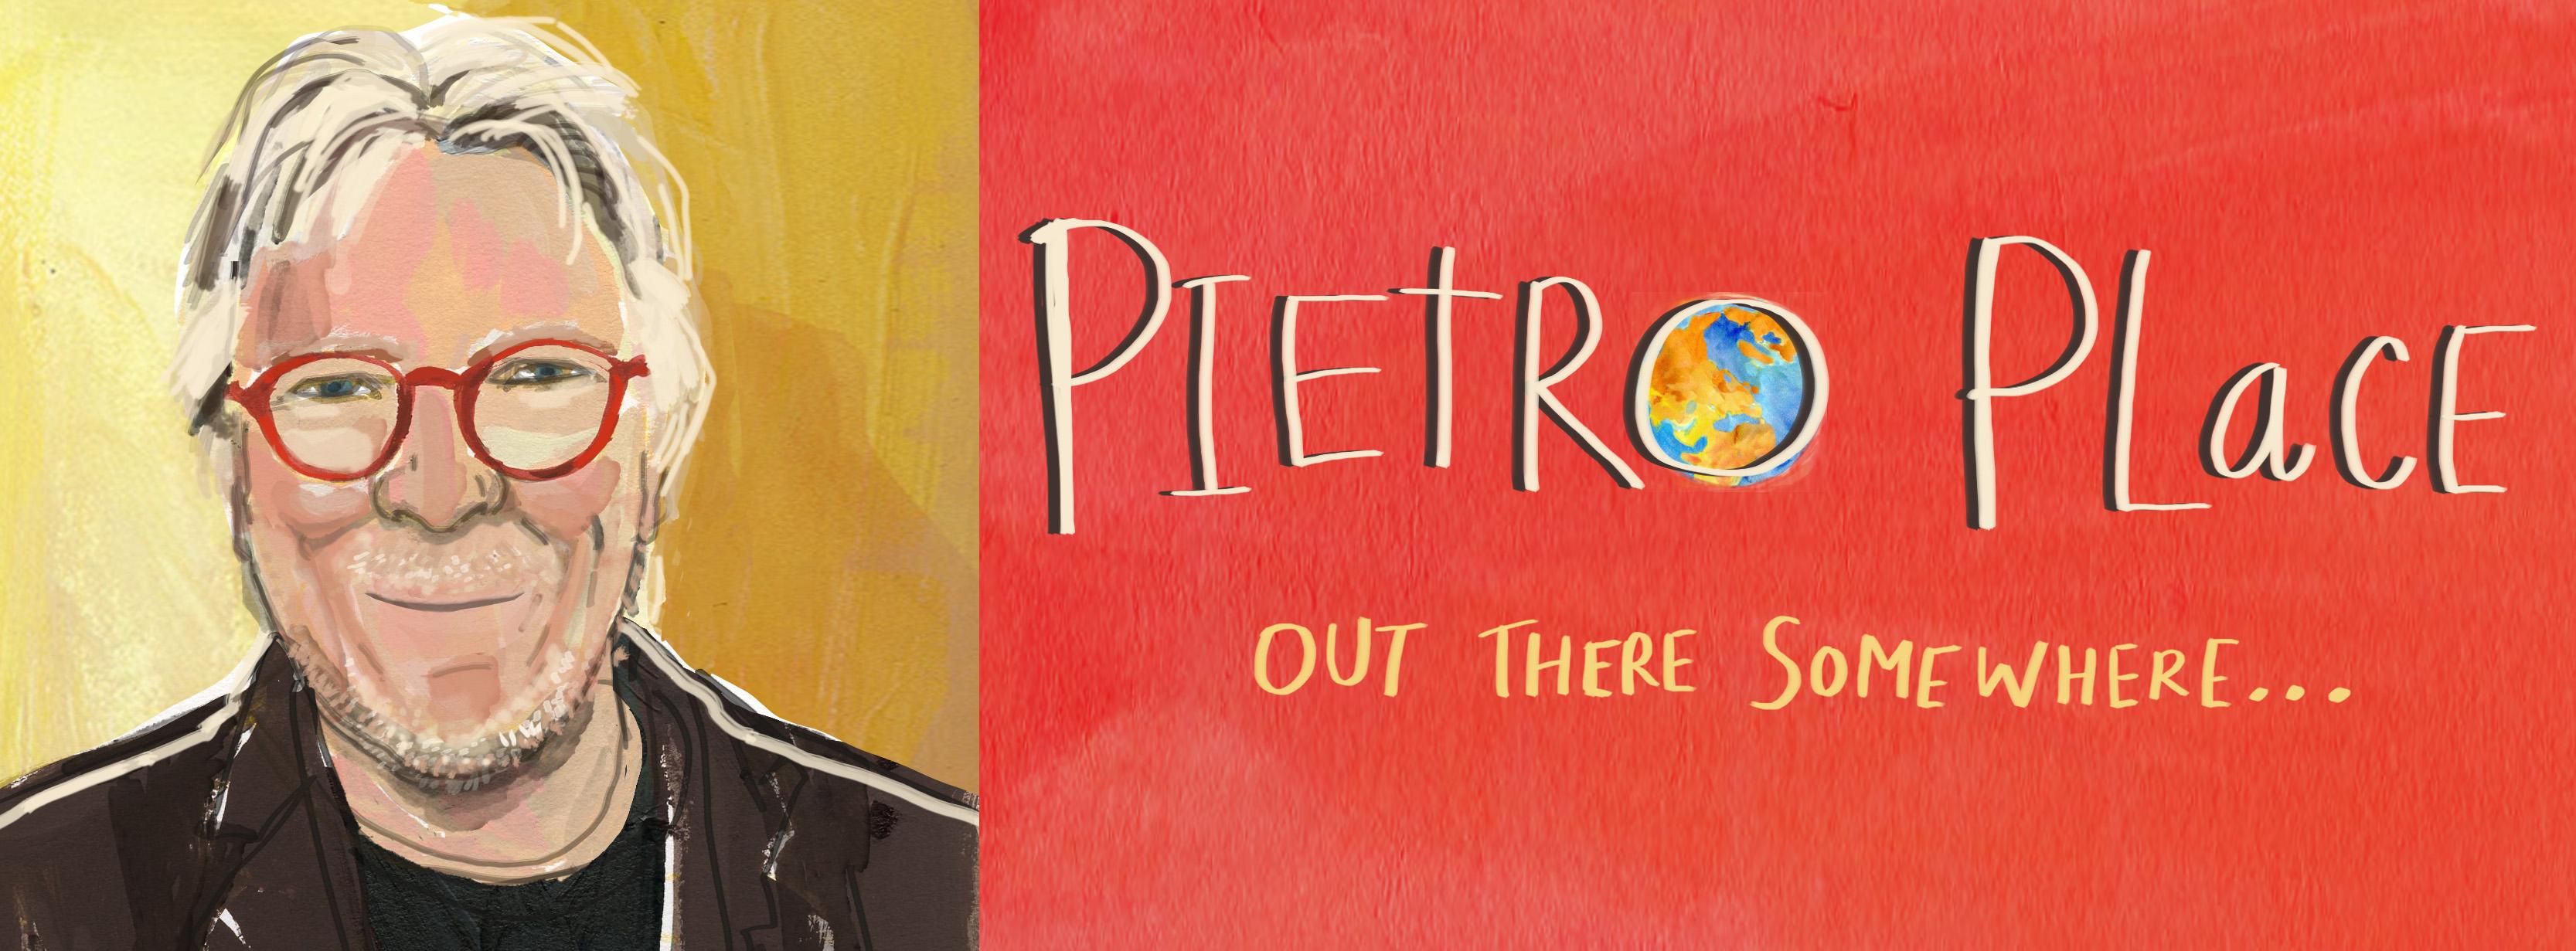 Pietro Place